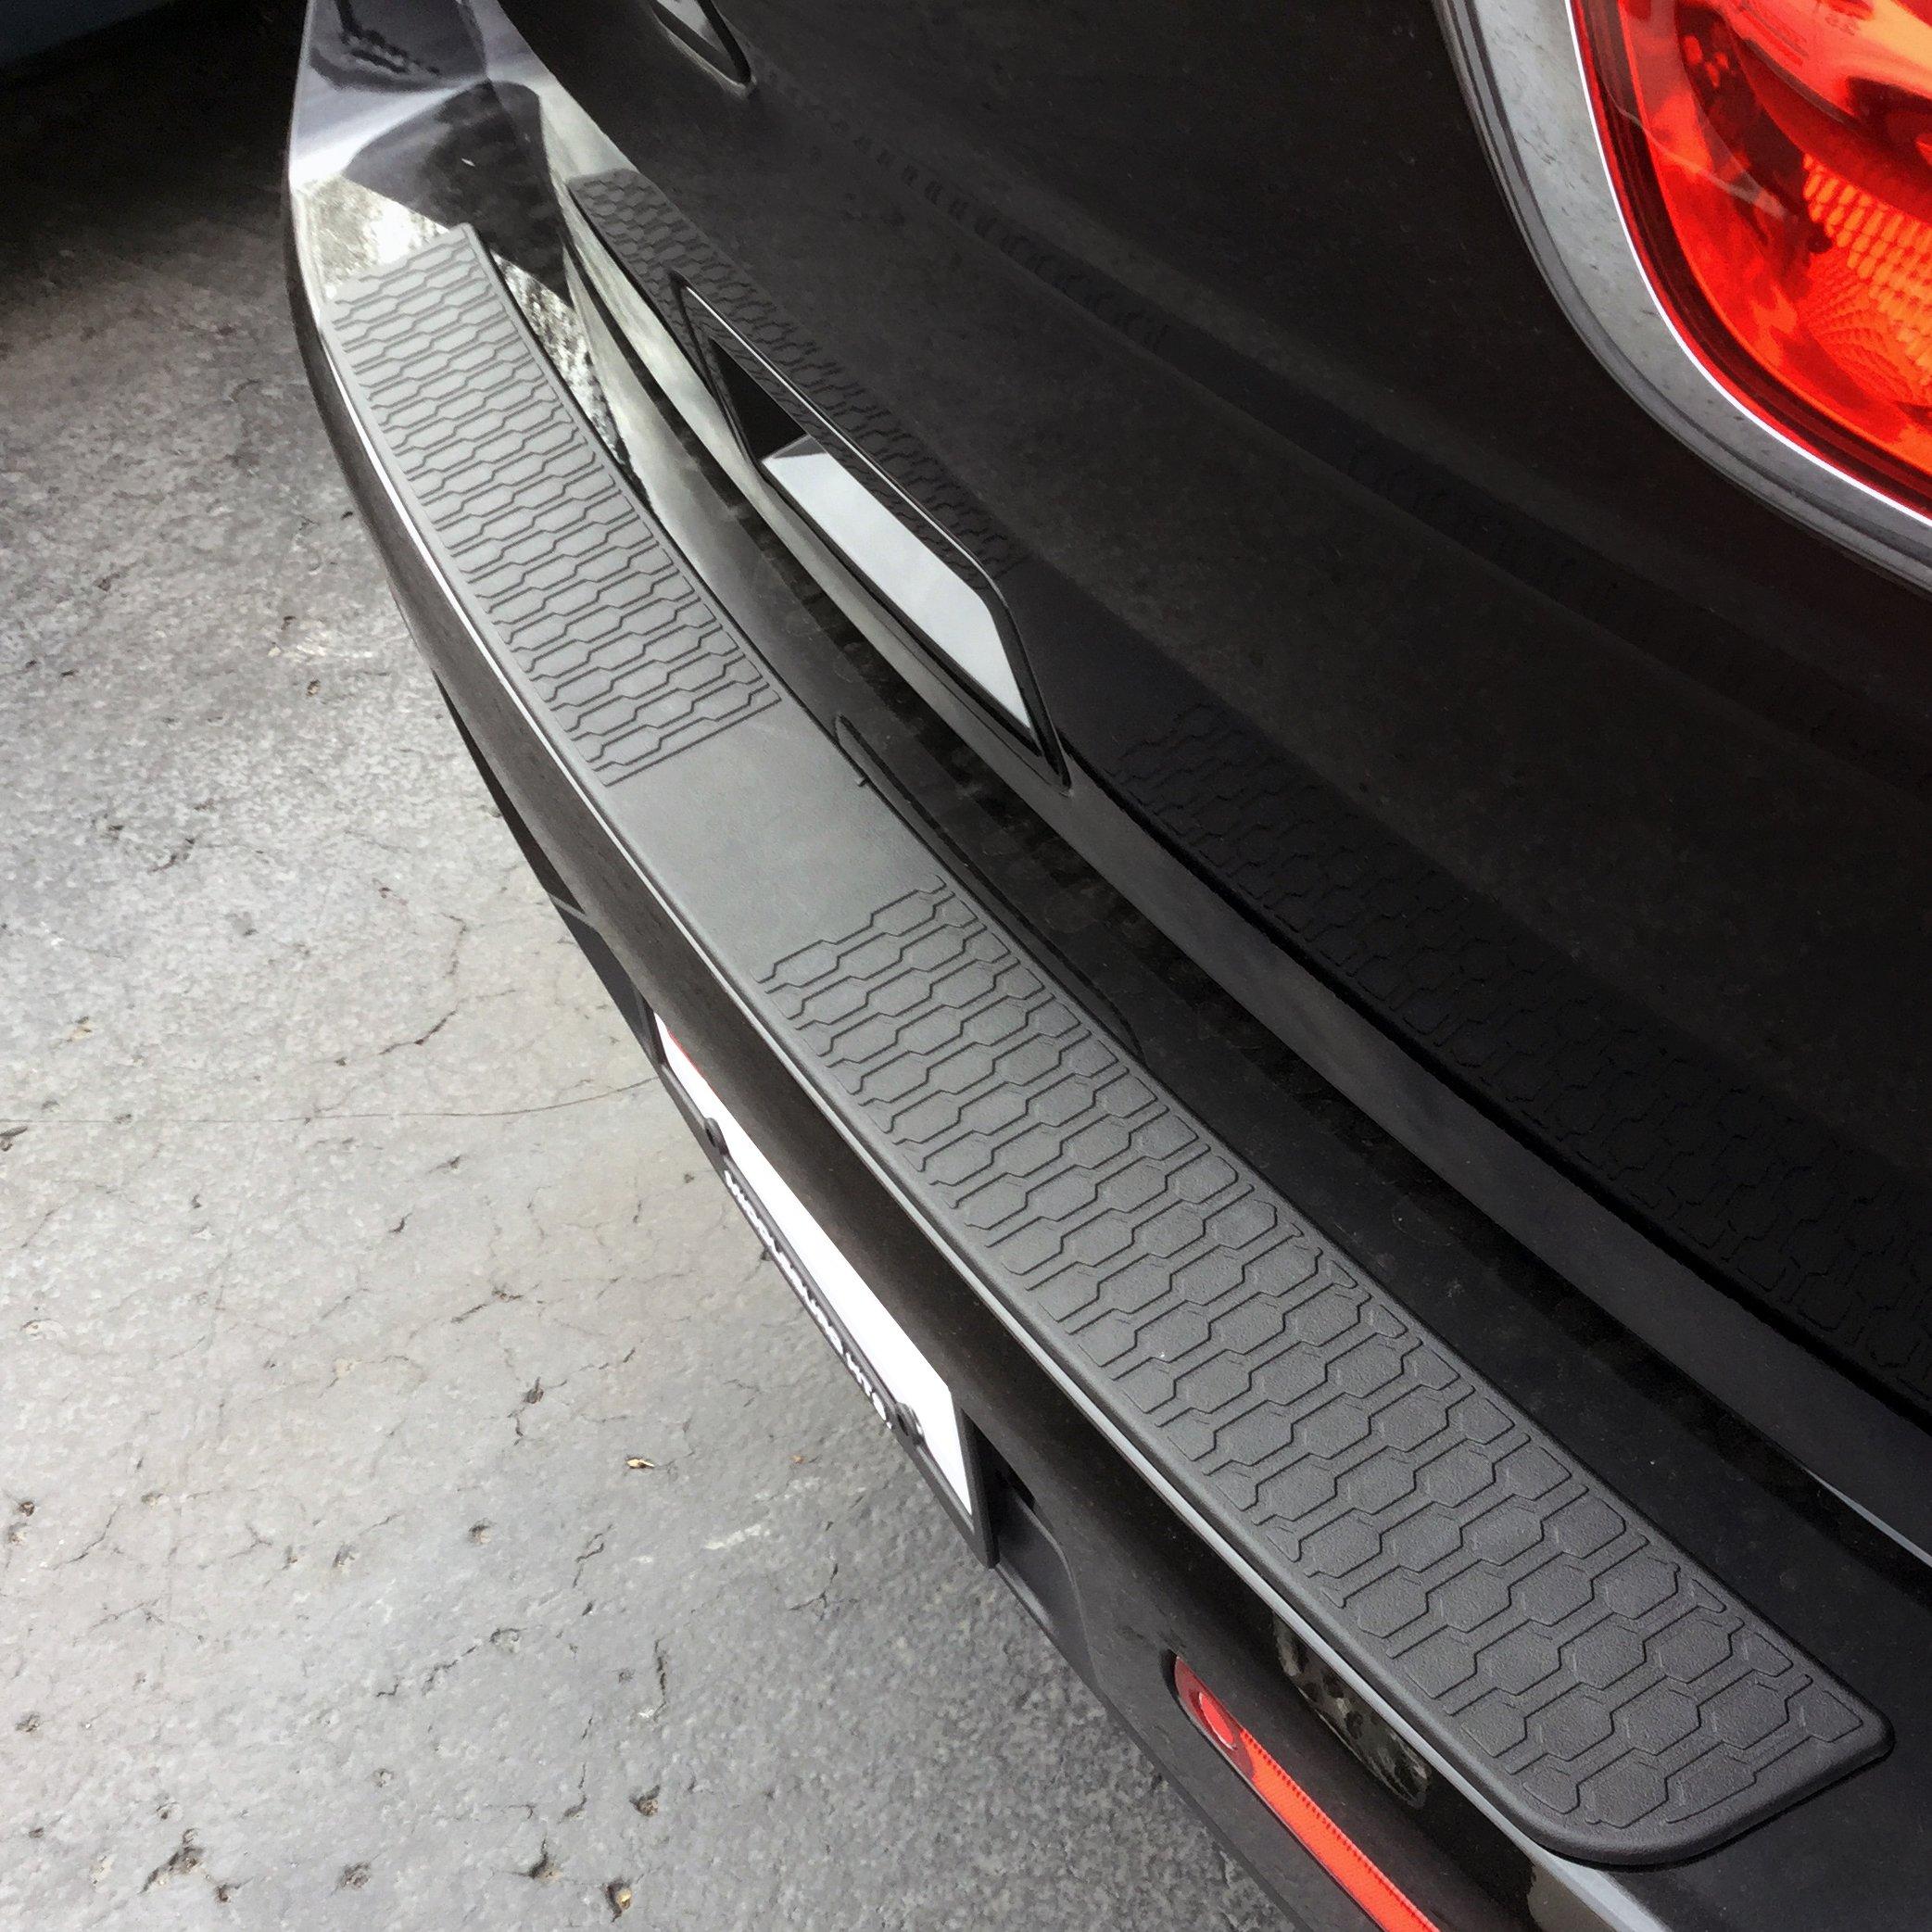 2007-2015 Lincoln MKX Rear Bumper Protector and Bumper Guard